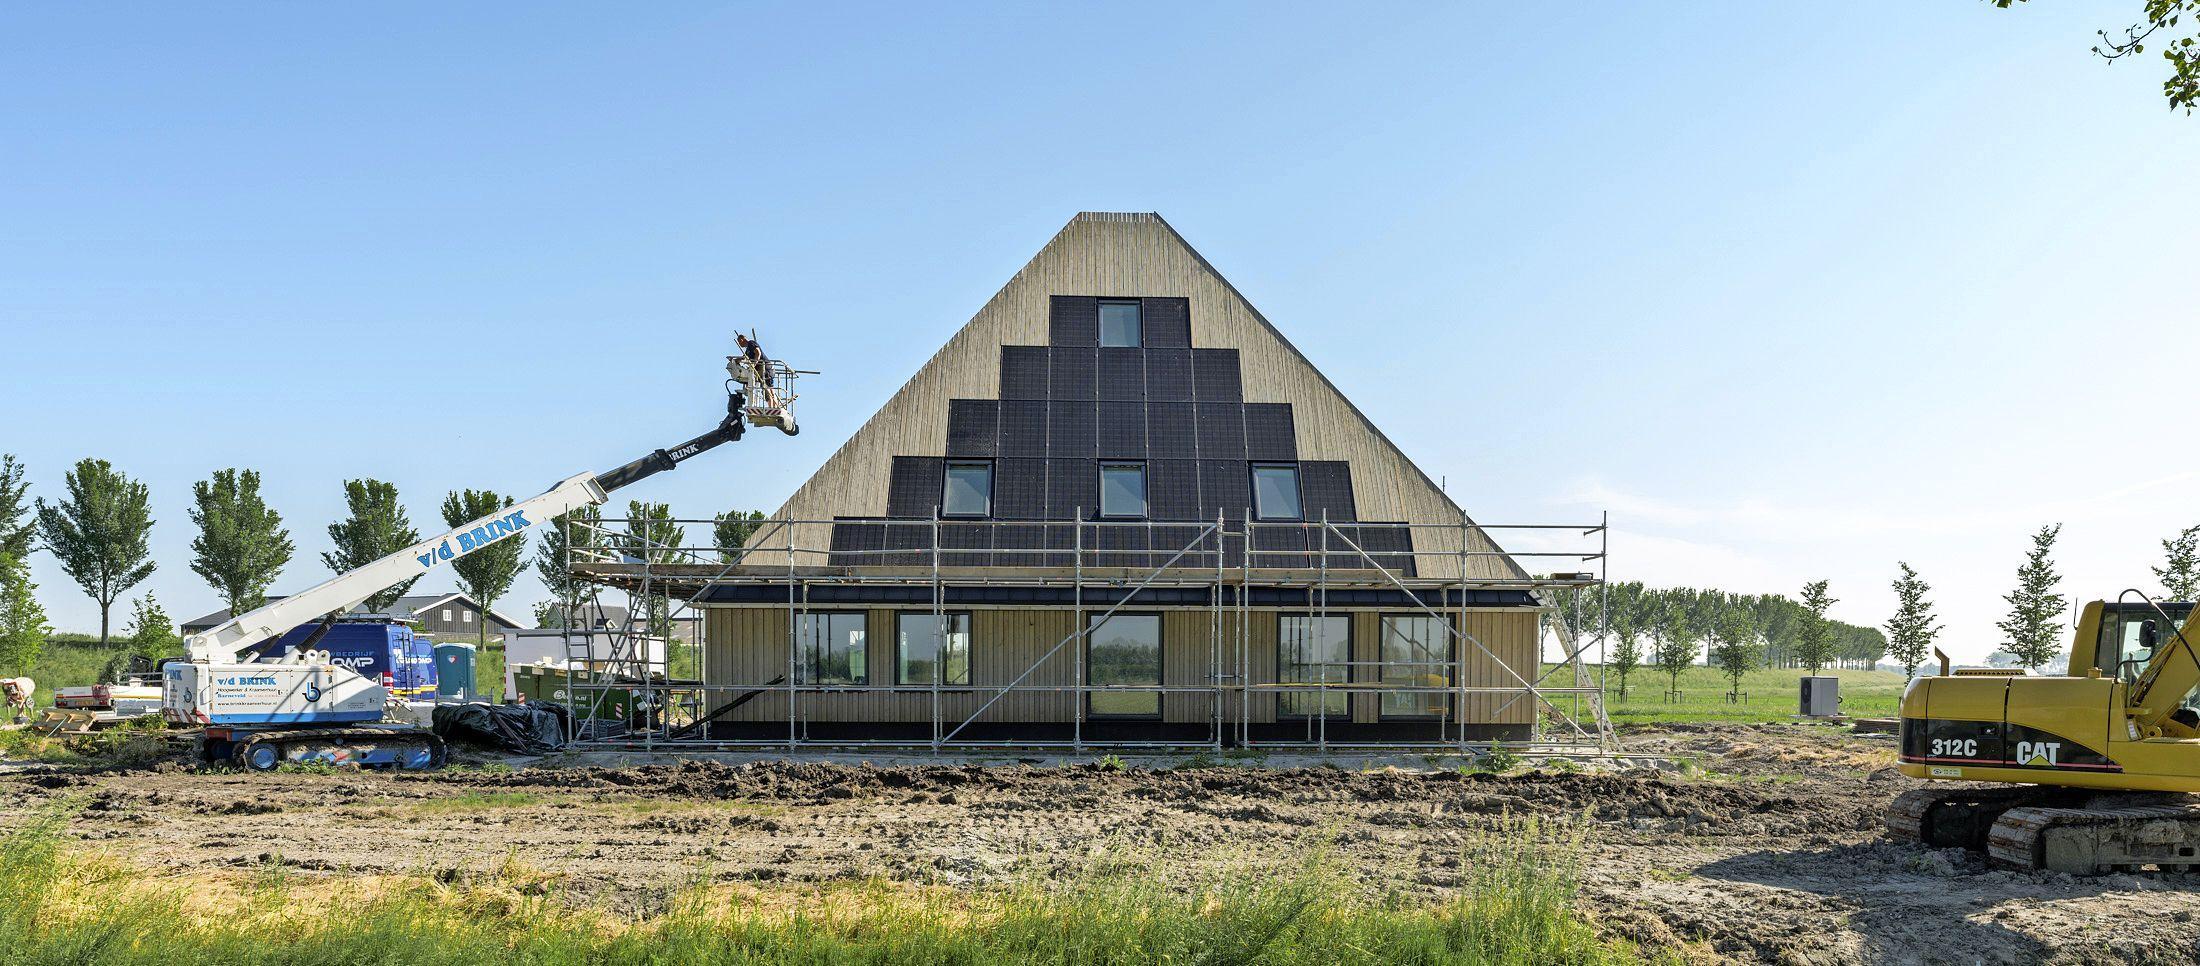 Energieneutrale stolpboerderij van hout, in Noordbeemster heeft Nieuw Nederland de primeur: 'Waterland wil houtbouwland worden'